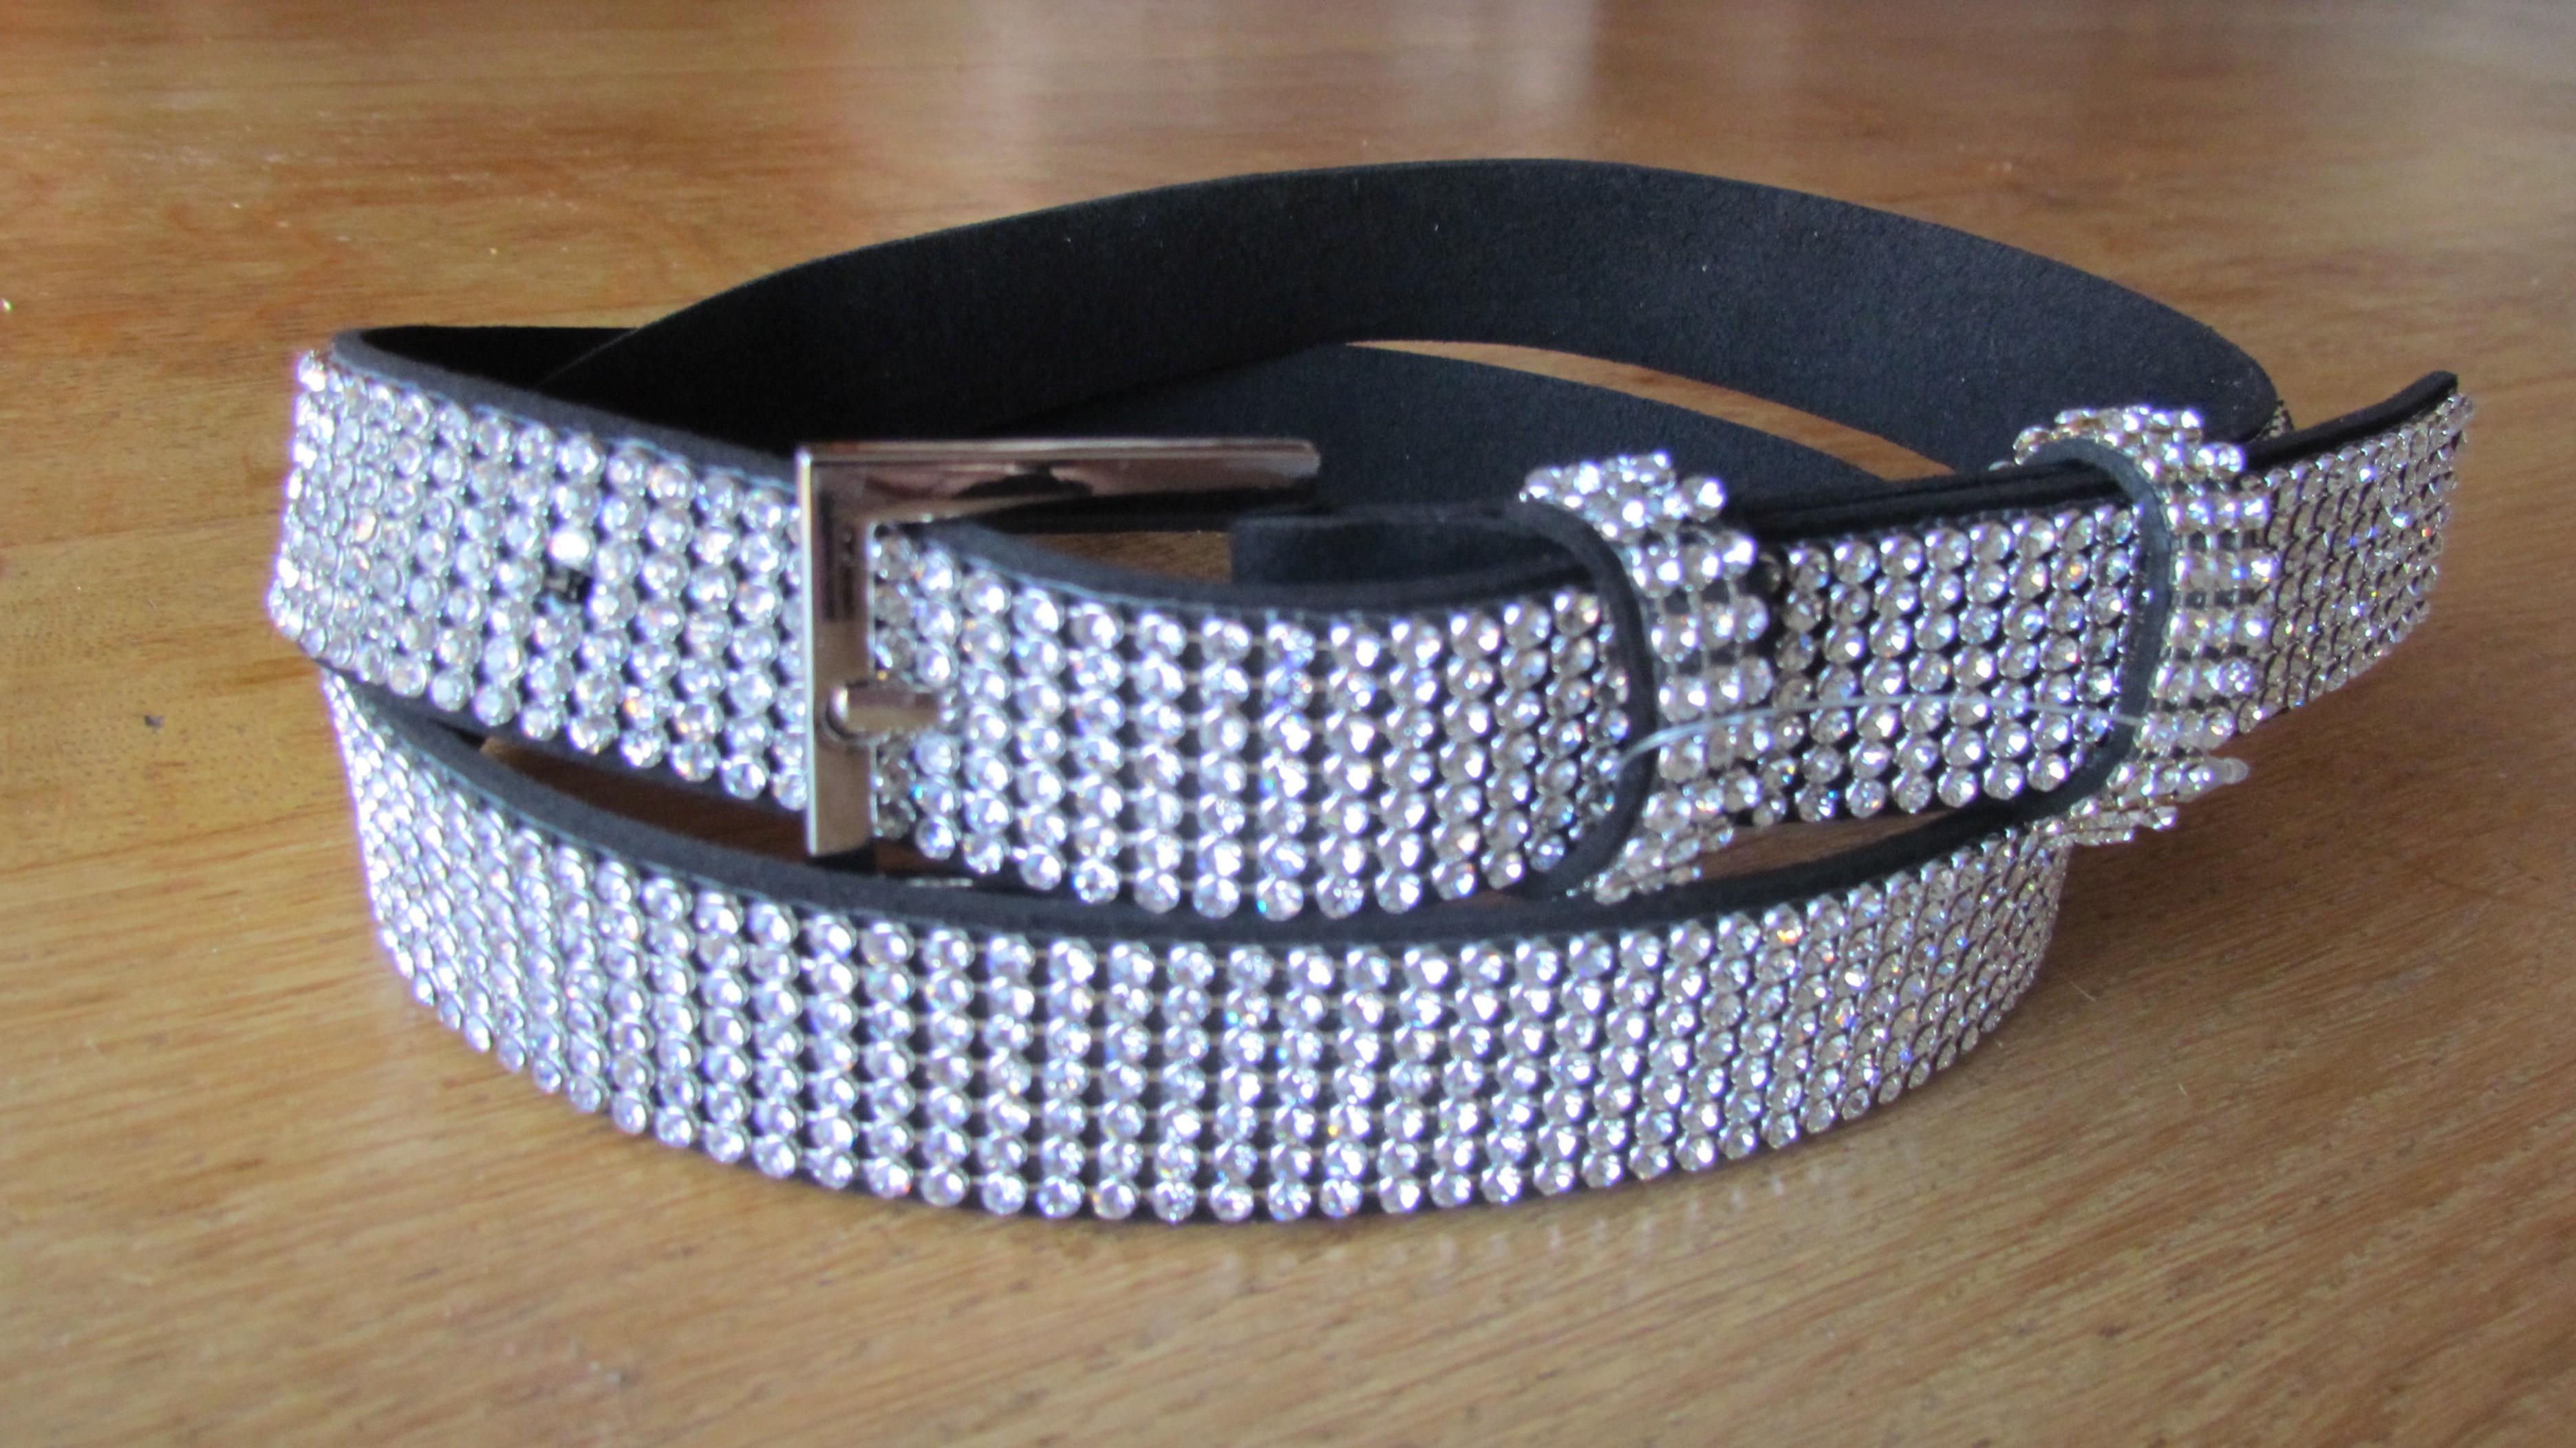 plus récent 77b92 6a57a ceinture strass 5 cm - Collection